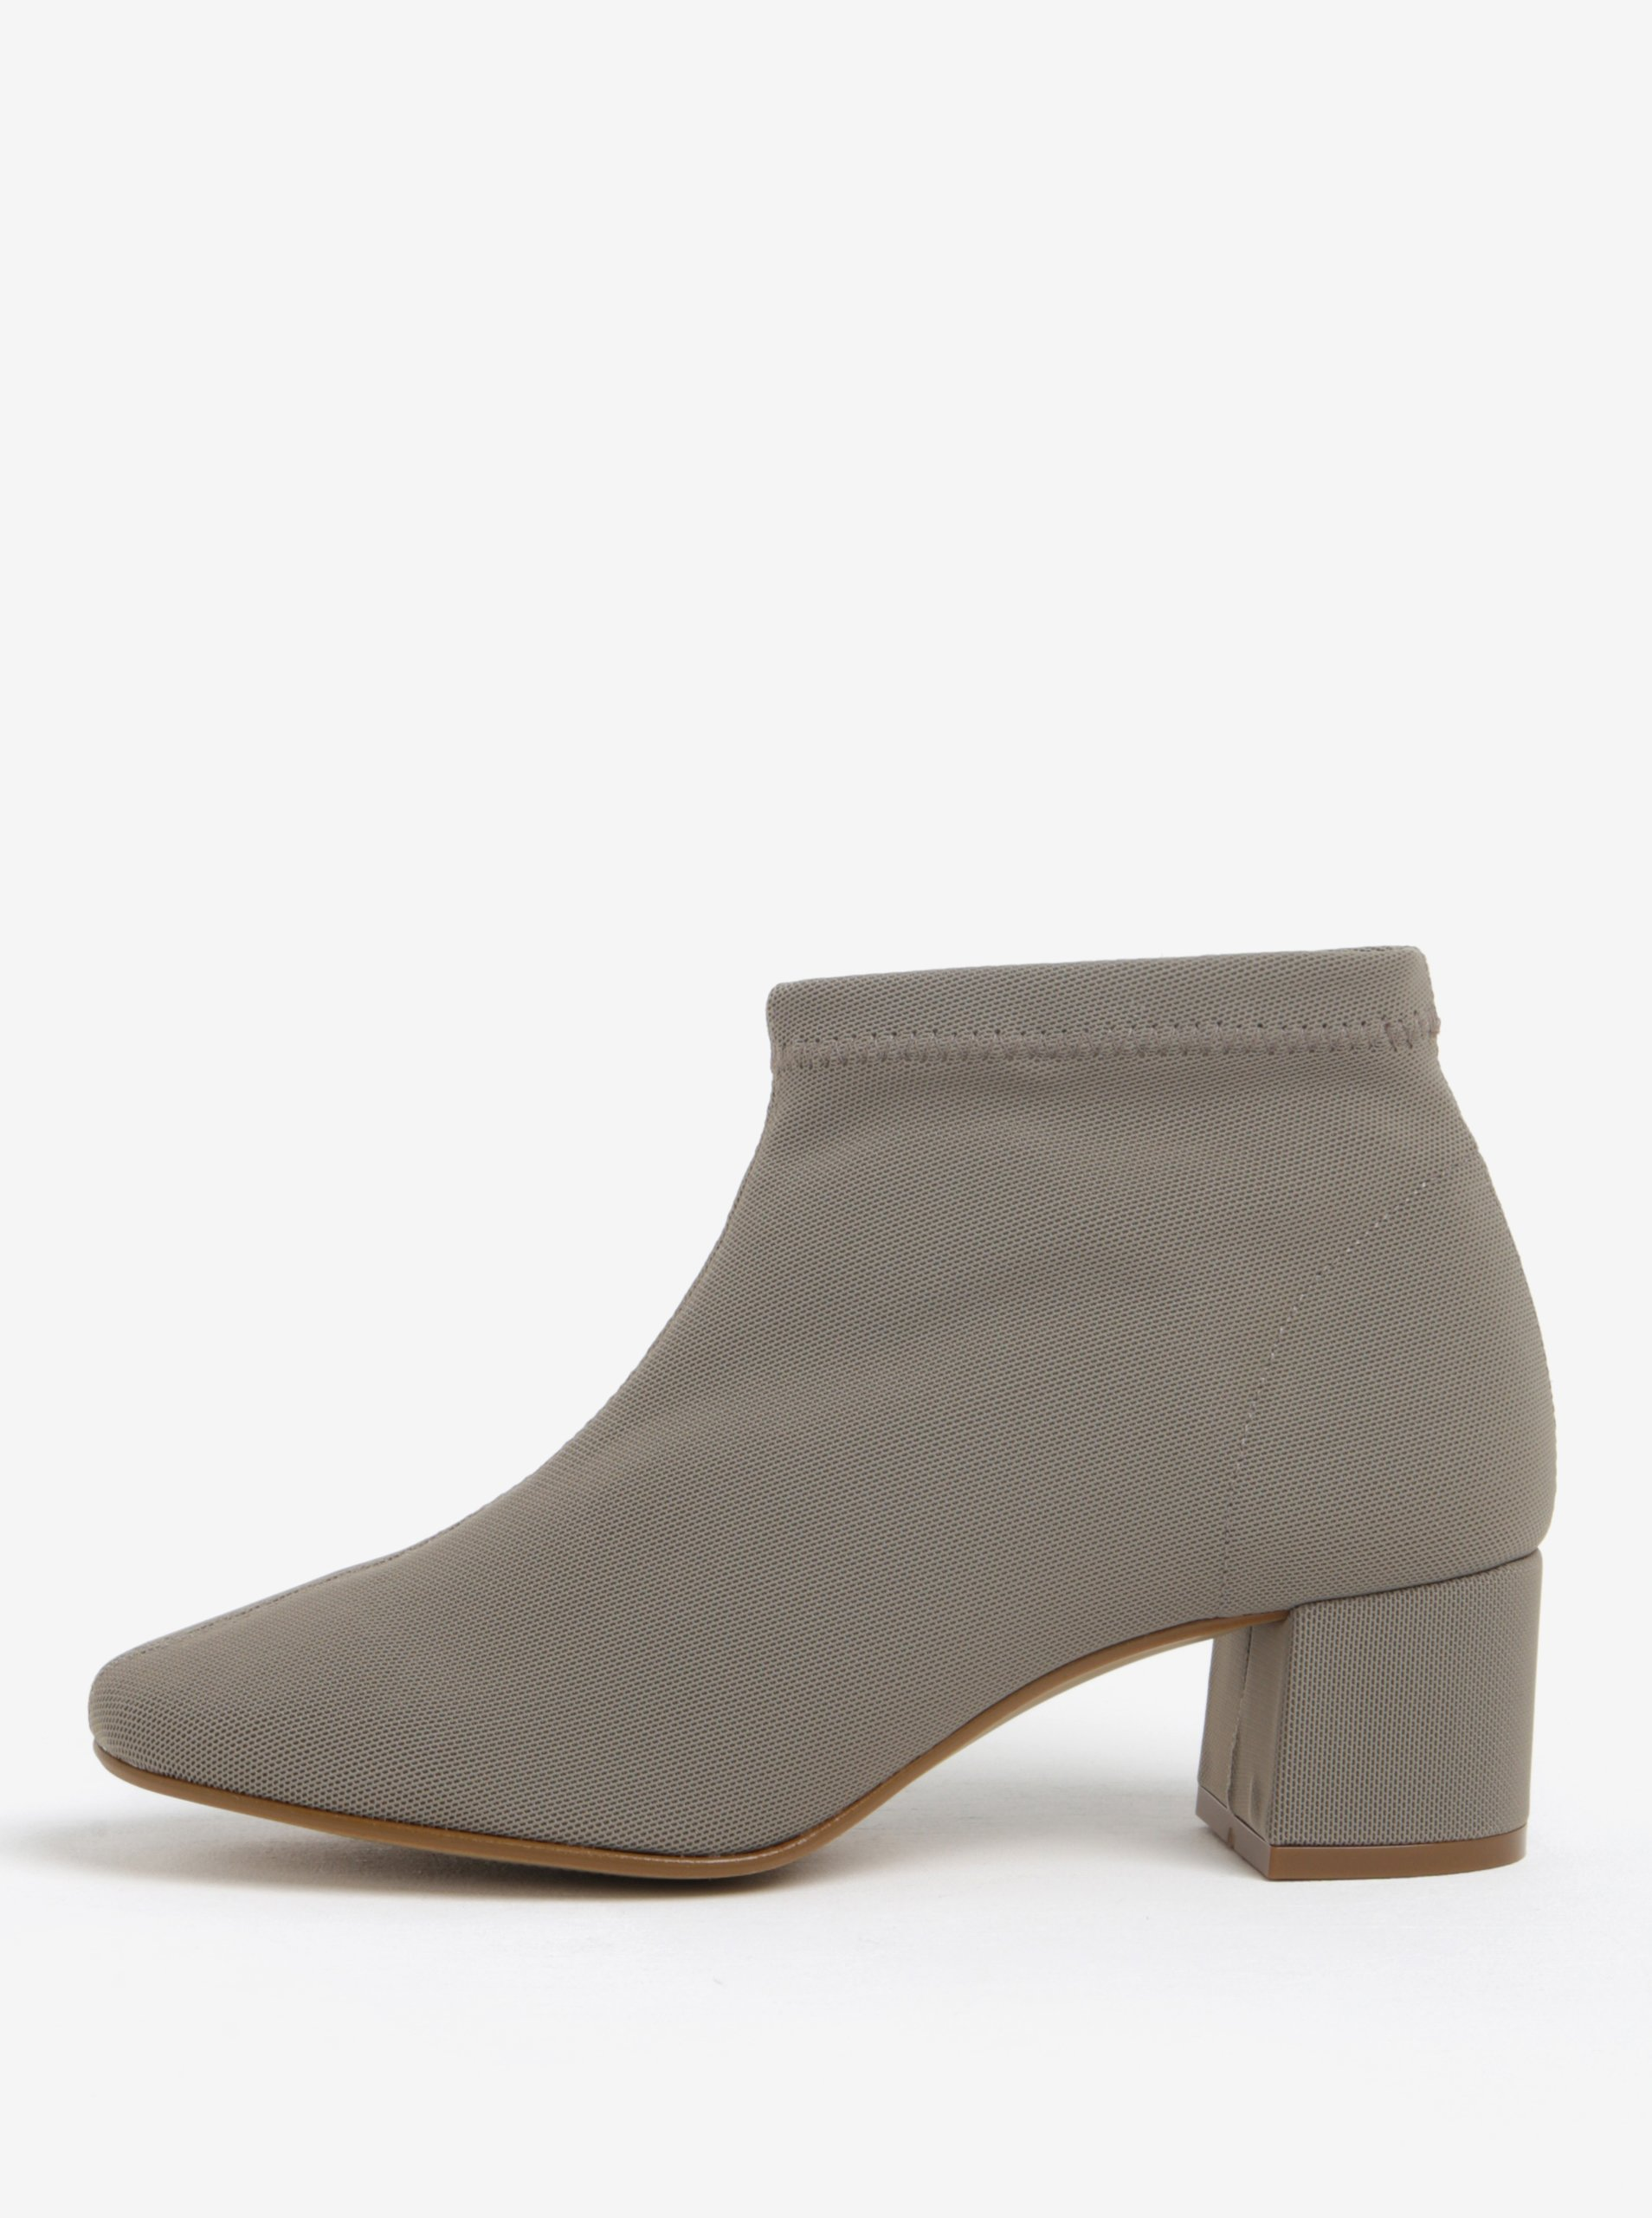 6e085cdbf68 Rockove kotnikove boty na nizkem podpatku levně